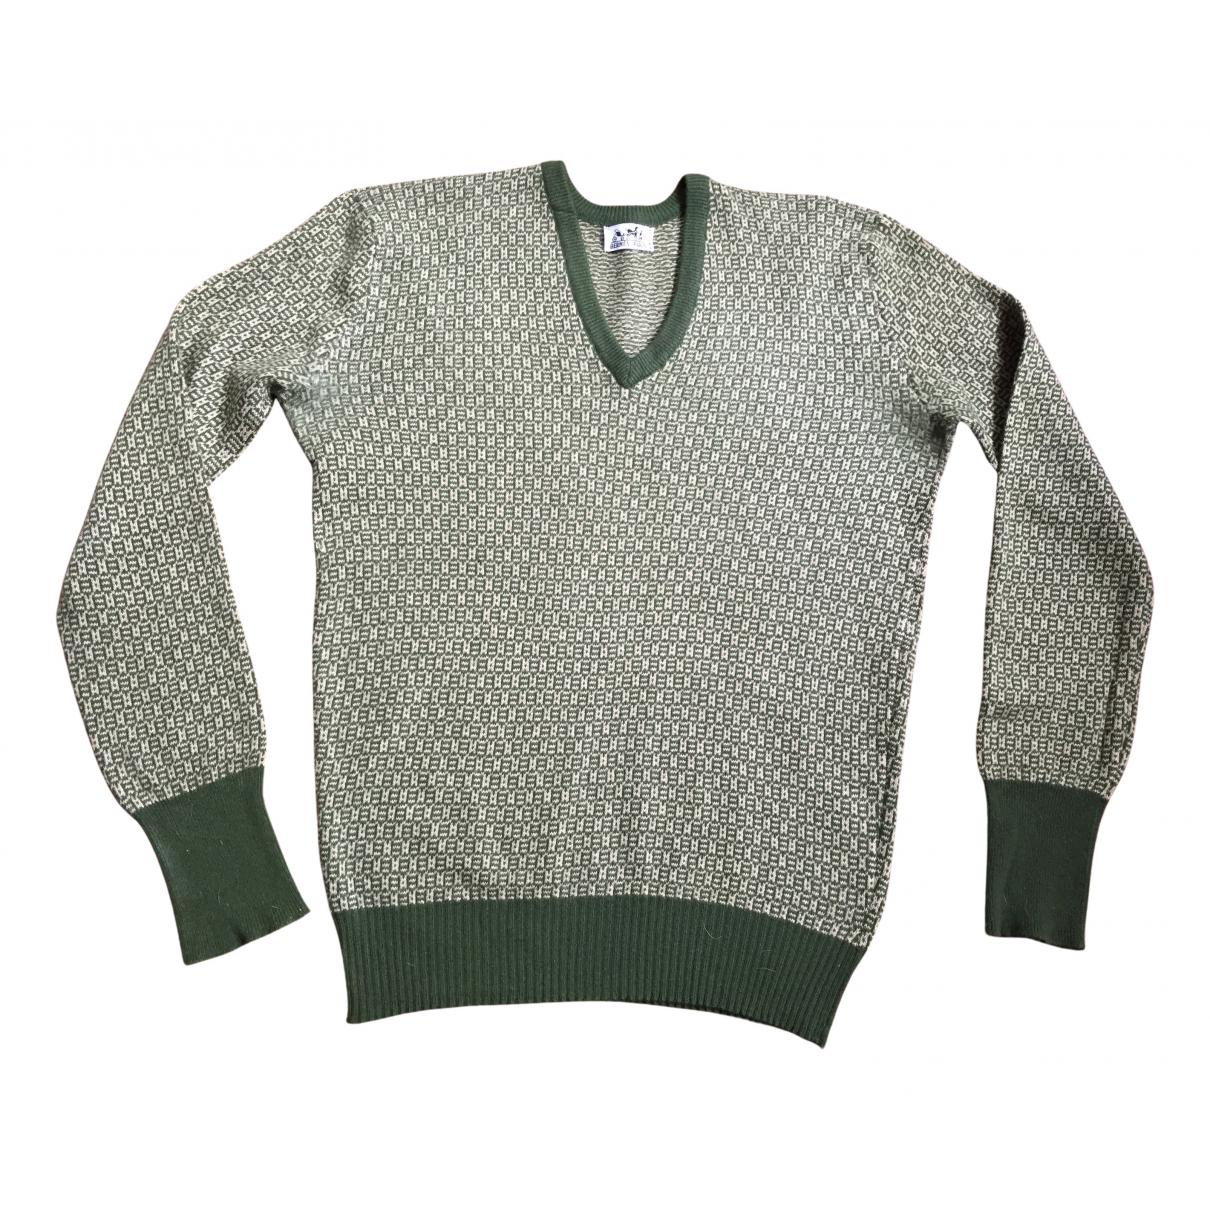 Hermès N Khaki Cashmere Knitwear for Women M International